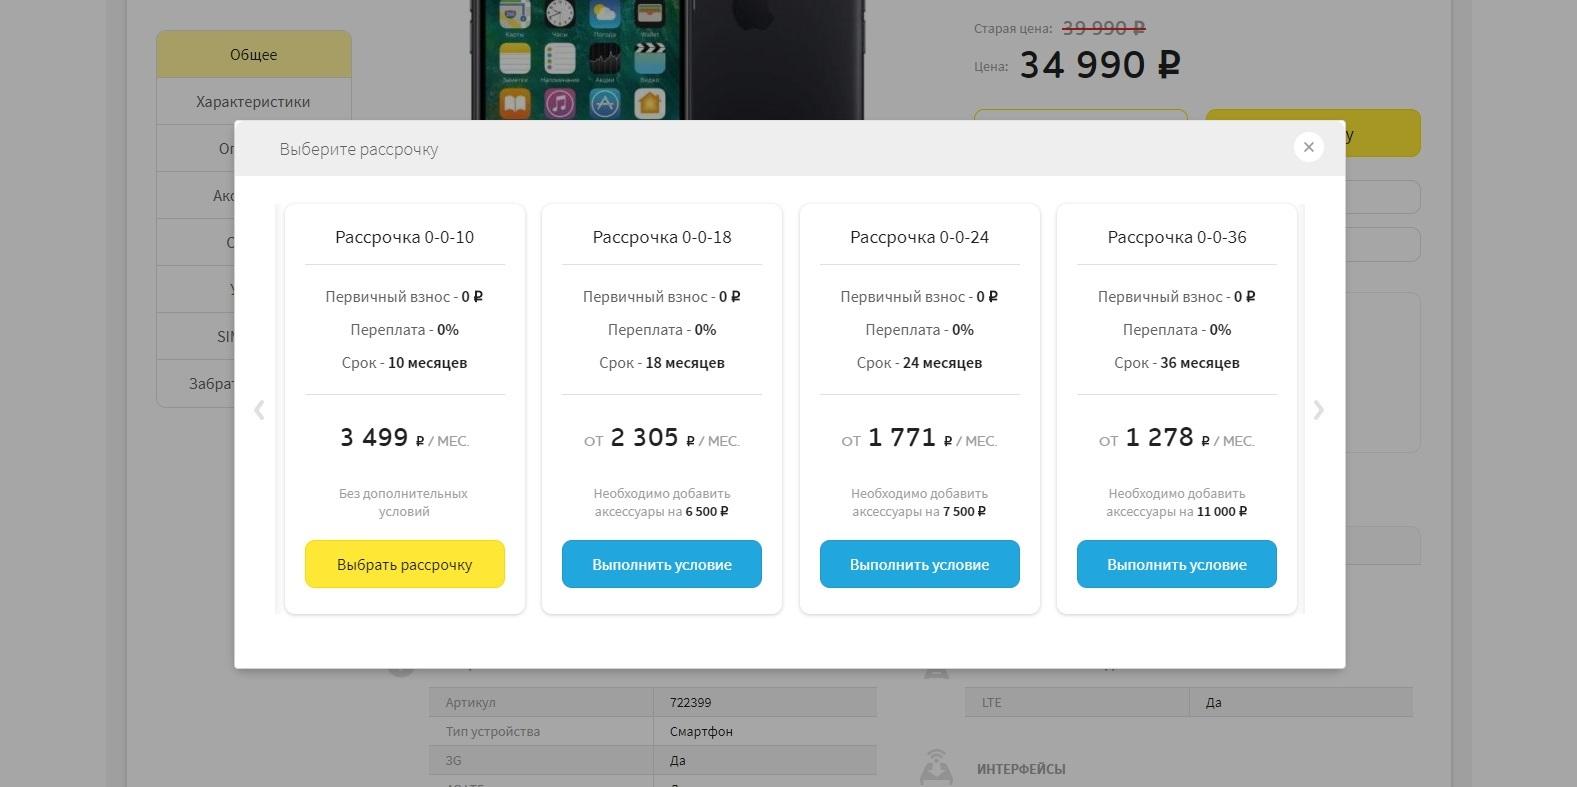 Евросеть взять ноутбук в кредит кредиты онлайн срочно пермь